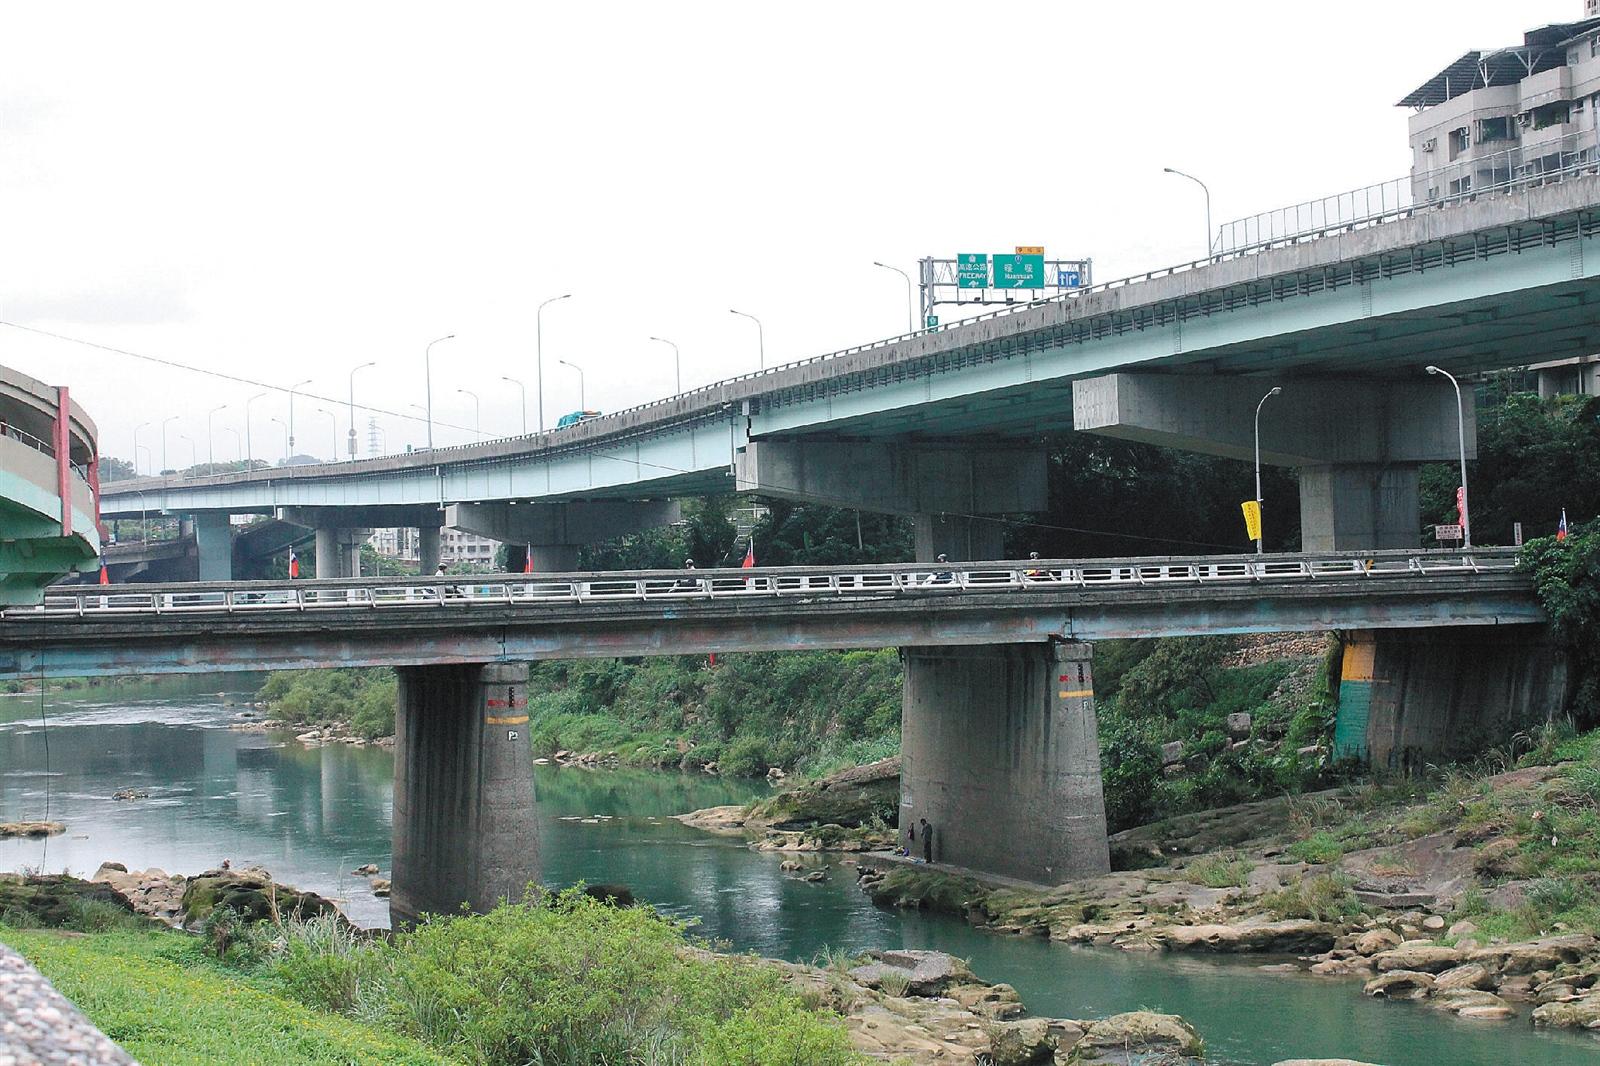 暖江橋改建 下月行人,機車走便橋 | 好房網News | 最在地化的房地產新聞